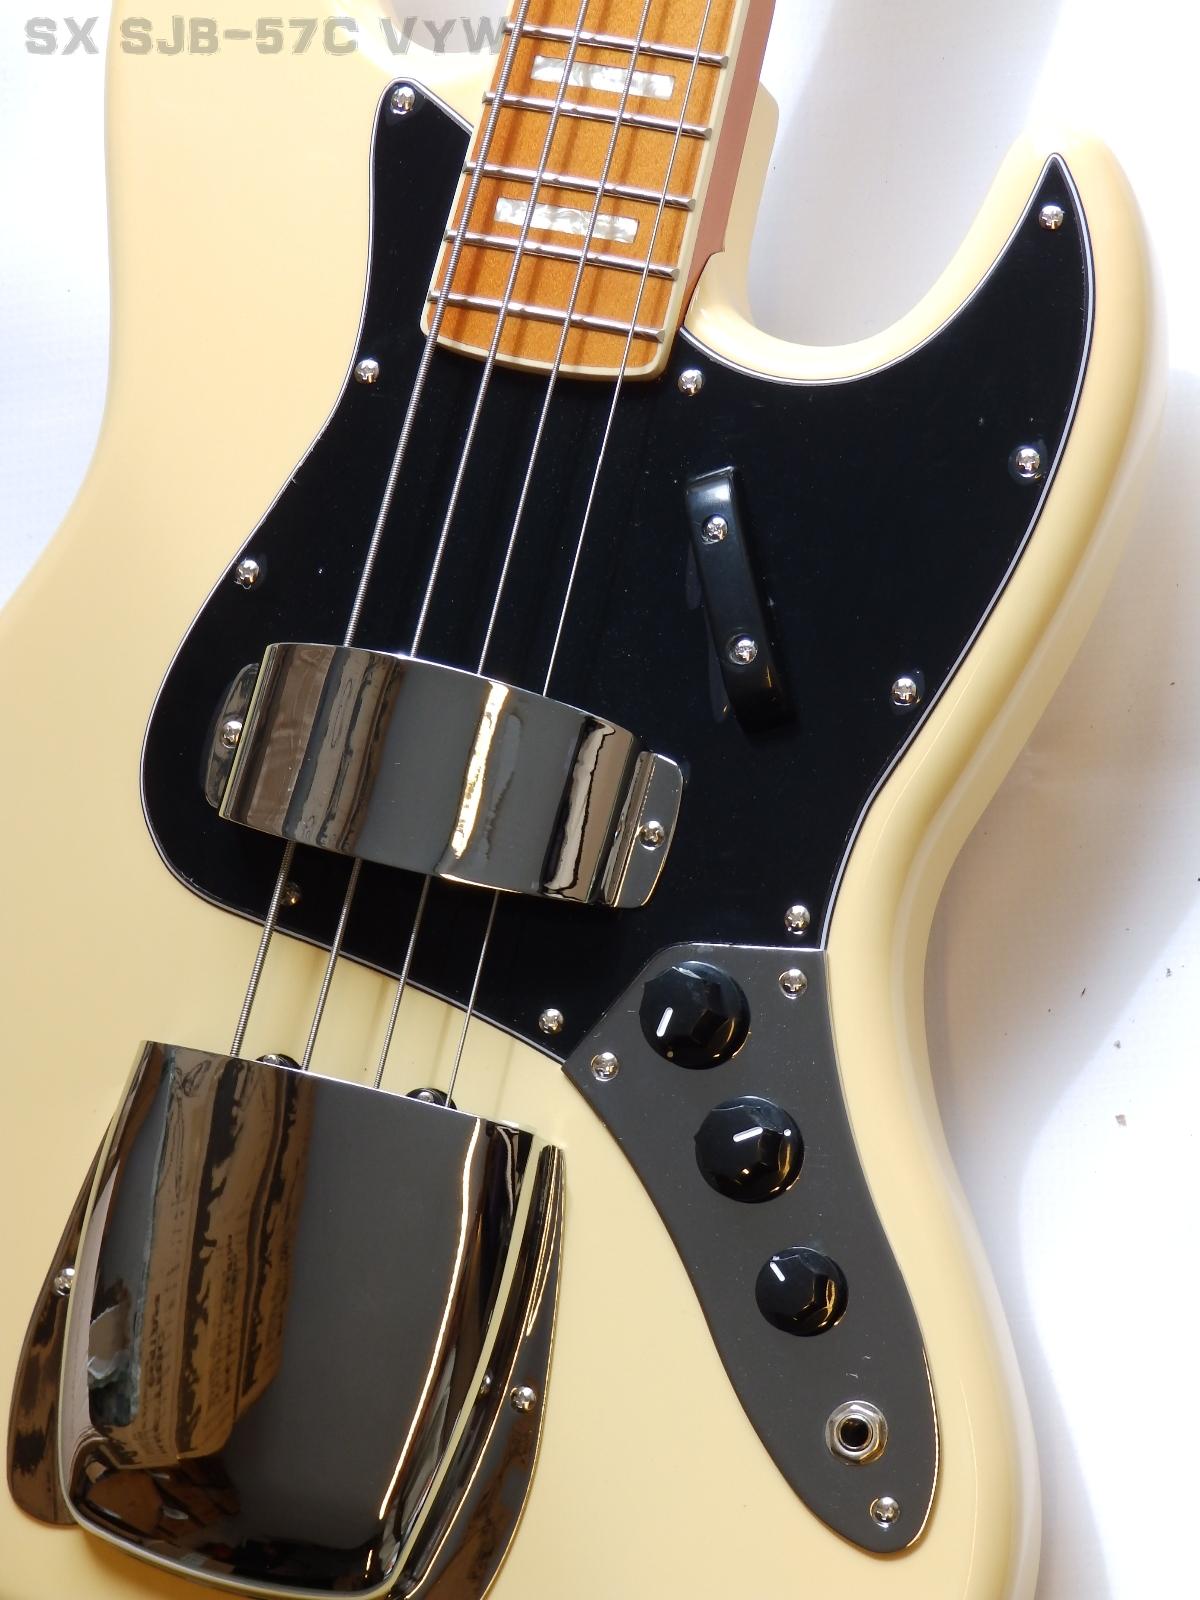 Sx Sjb 57c Vyw Bajo Electrico 4 Cuerdas Vintage Yellow